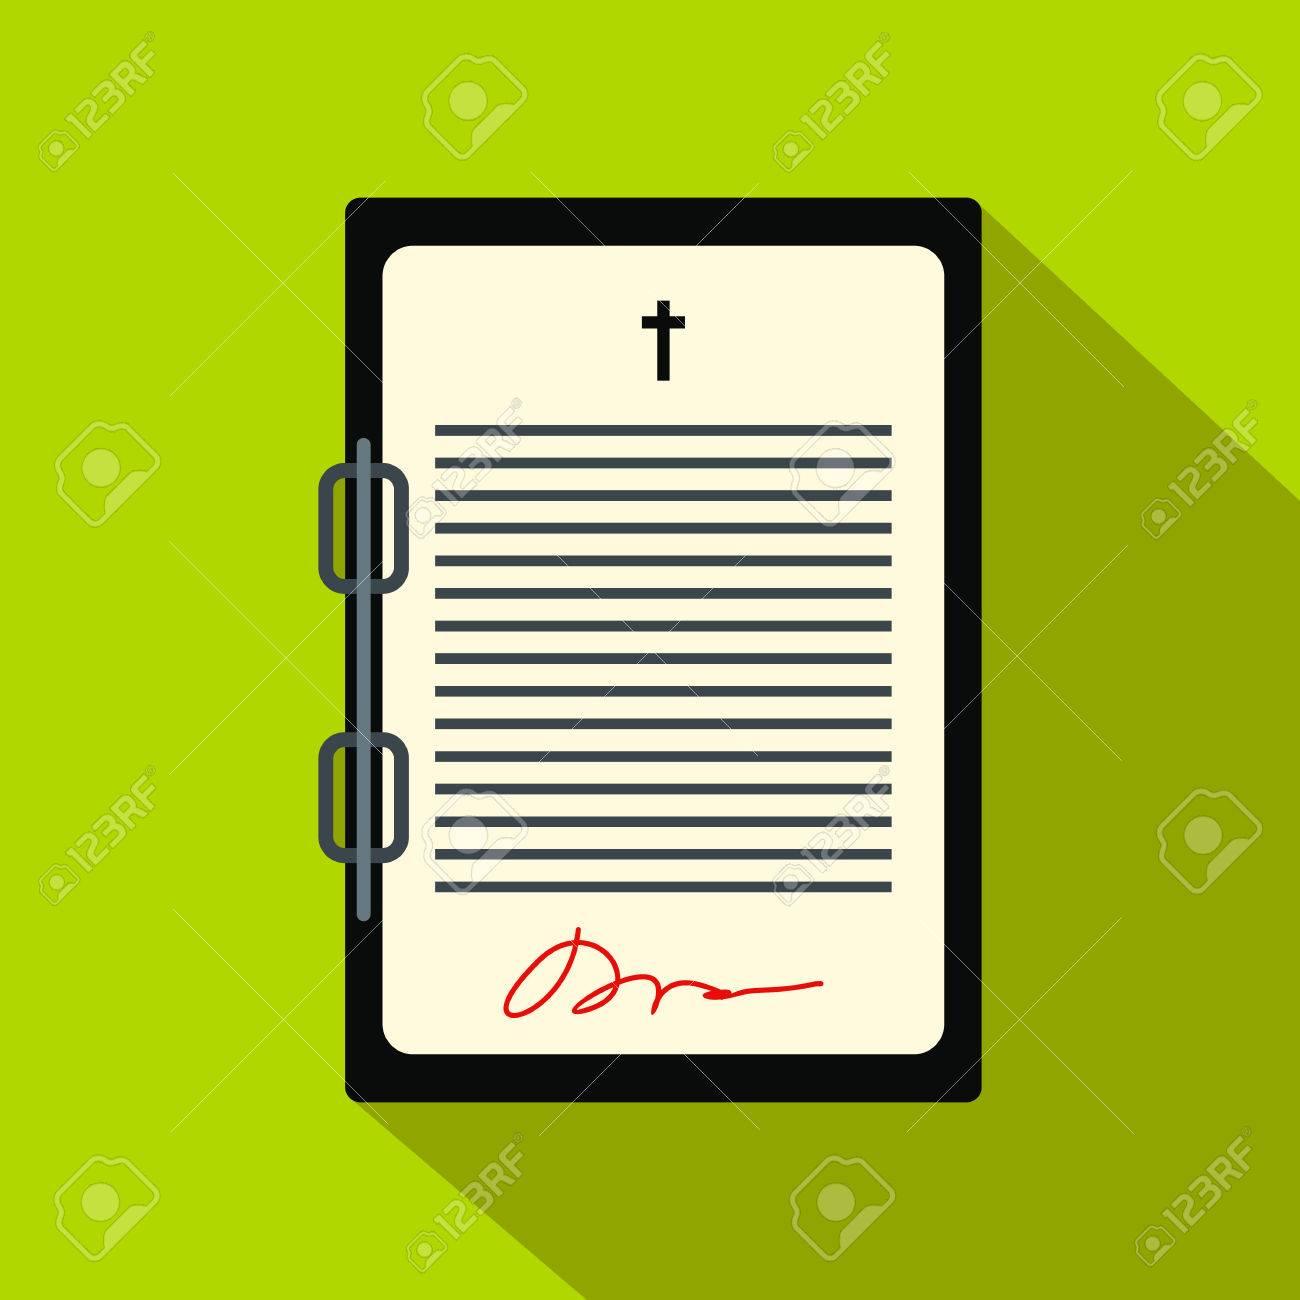 Carta Testamento Icono Plana. Hoja De Papel Con Última Voluntad De ...